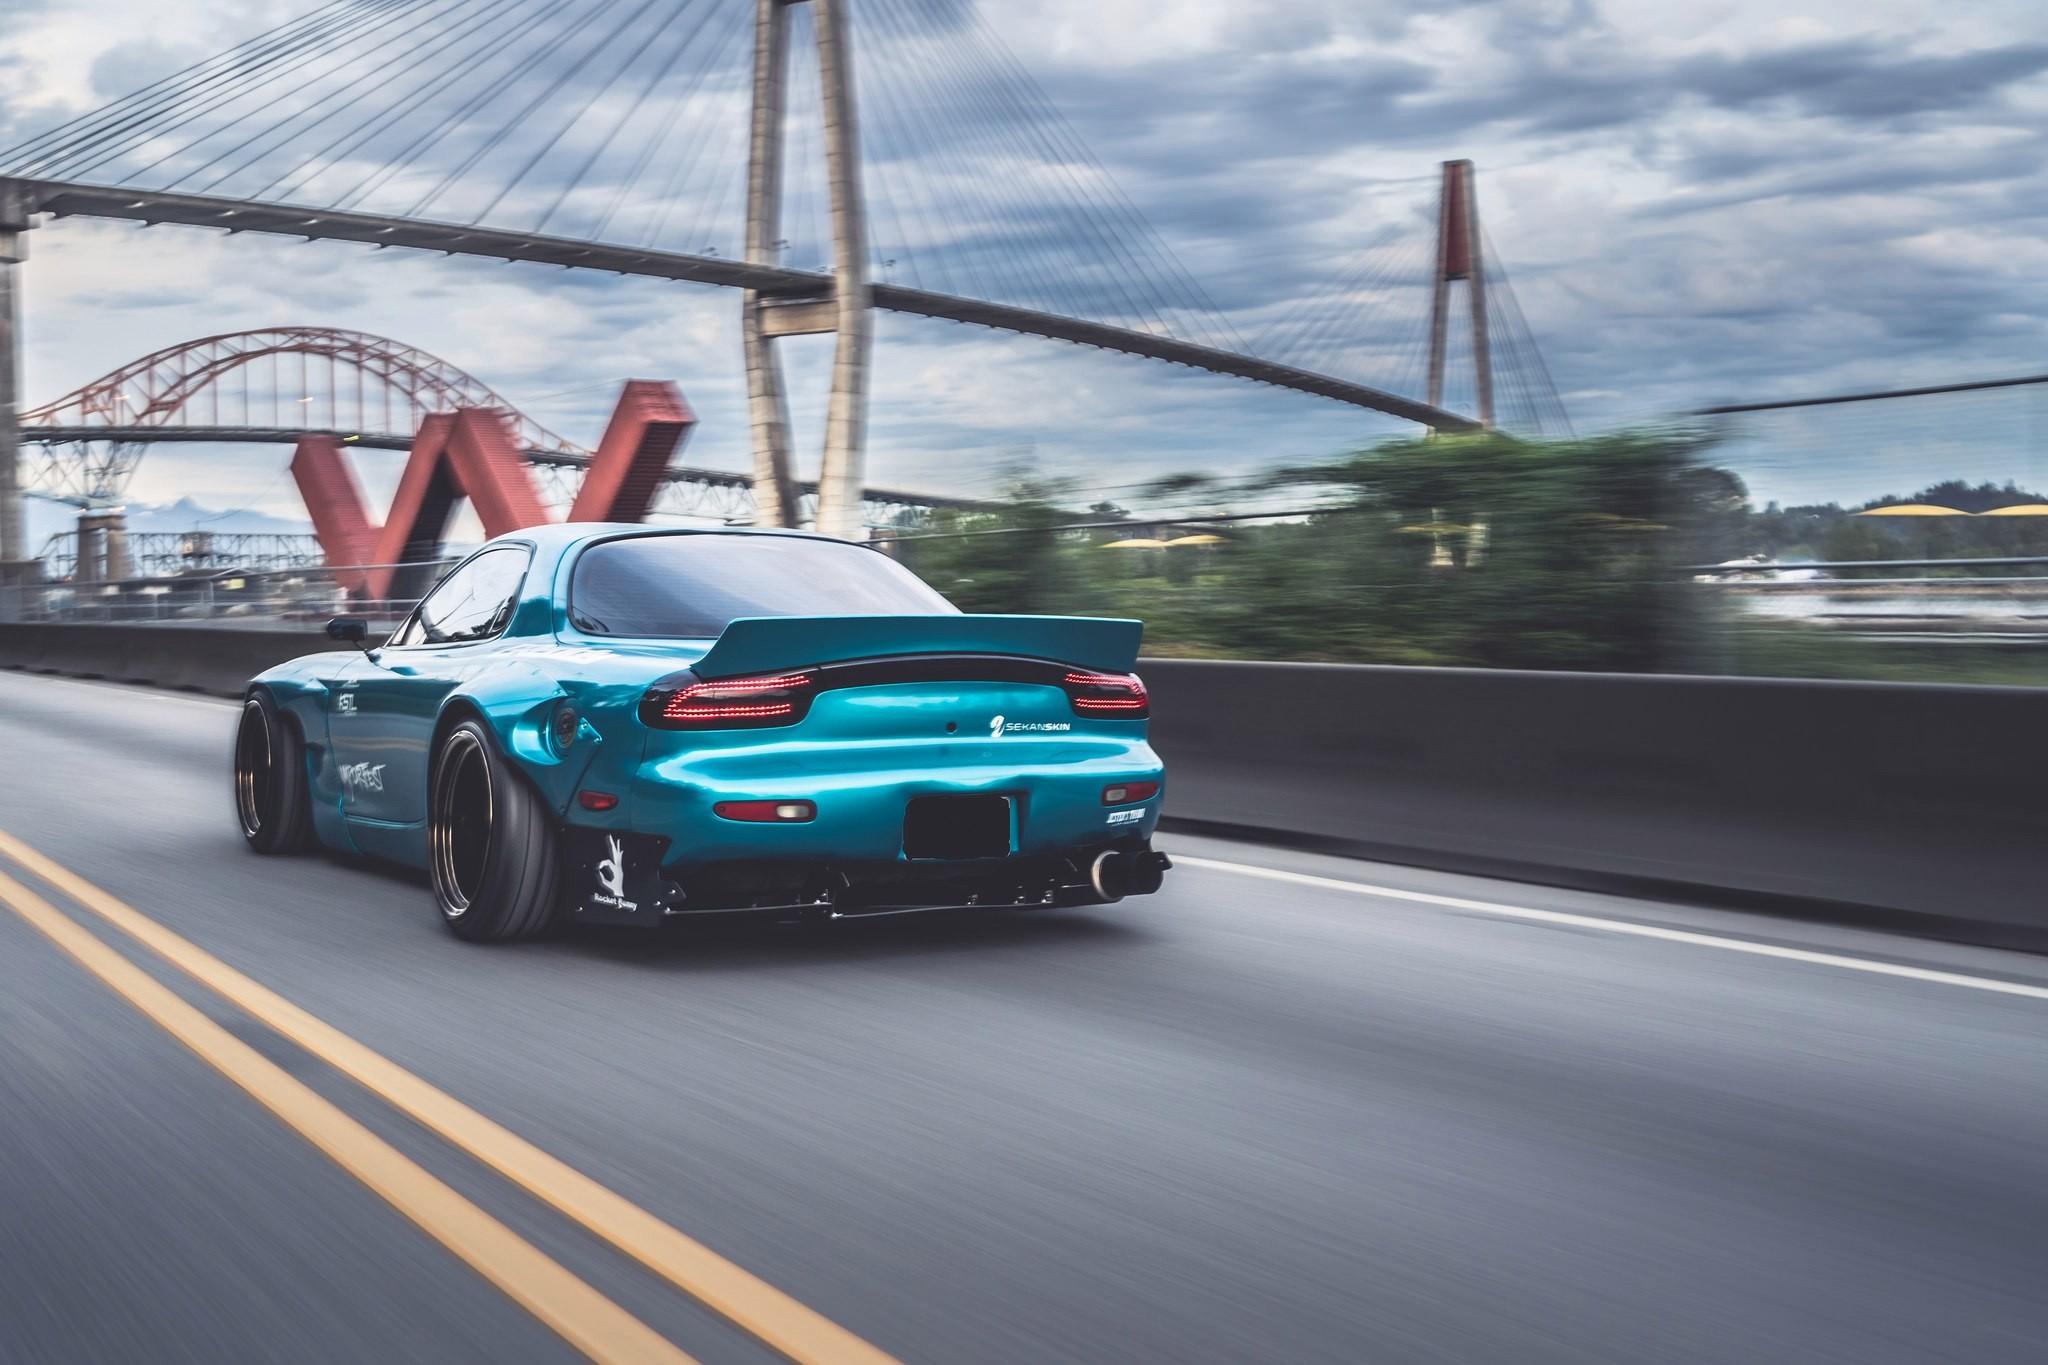 Mazda Furai Vehículos Supercars Hd Fondos De Pantalla: Fondos De Pantalla : Coches Azules, Vehículo, Puente